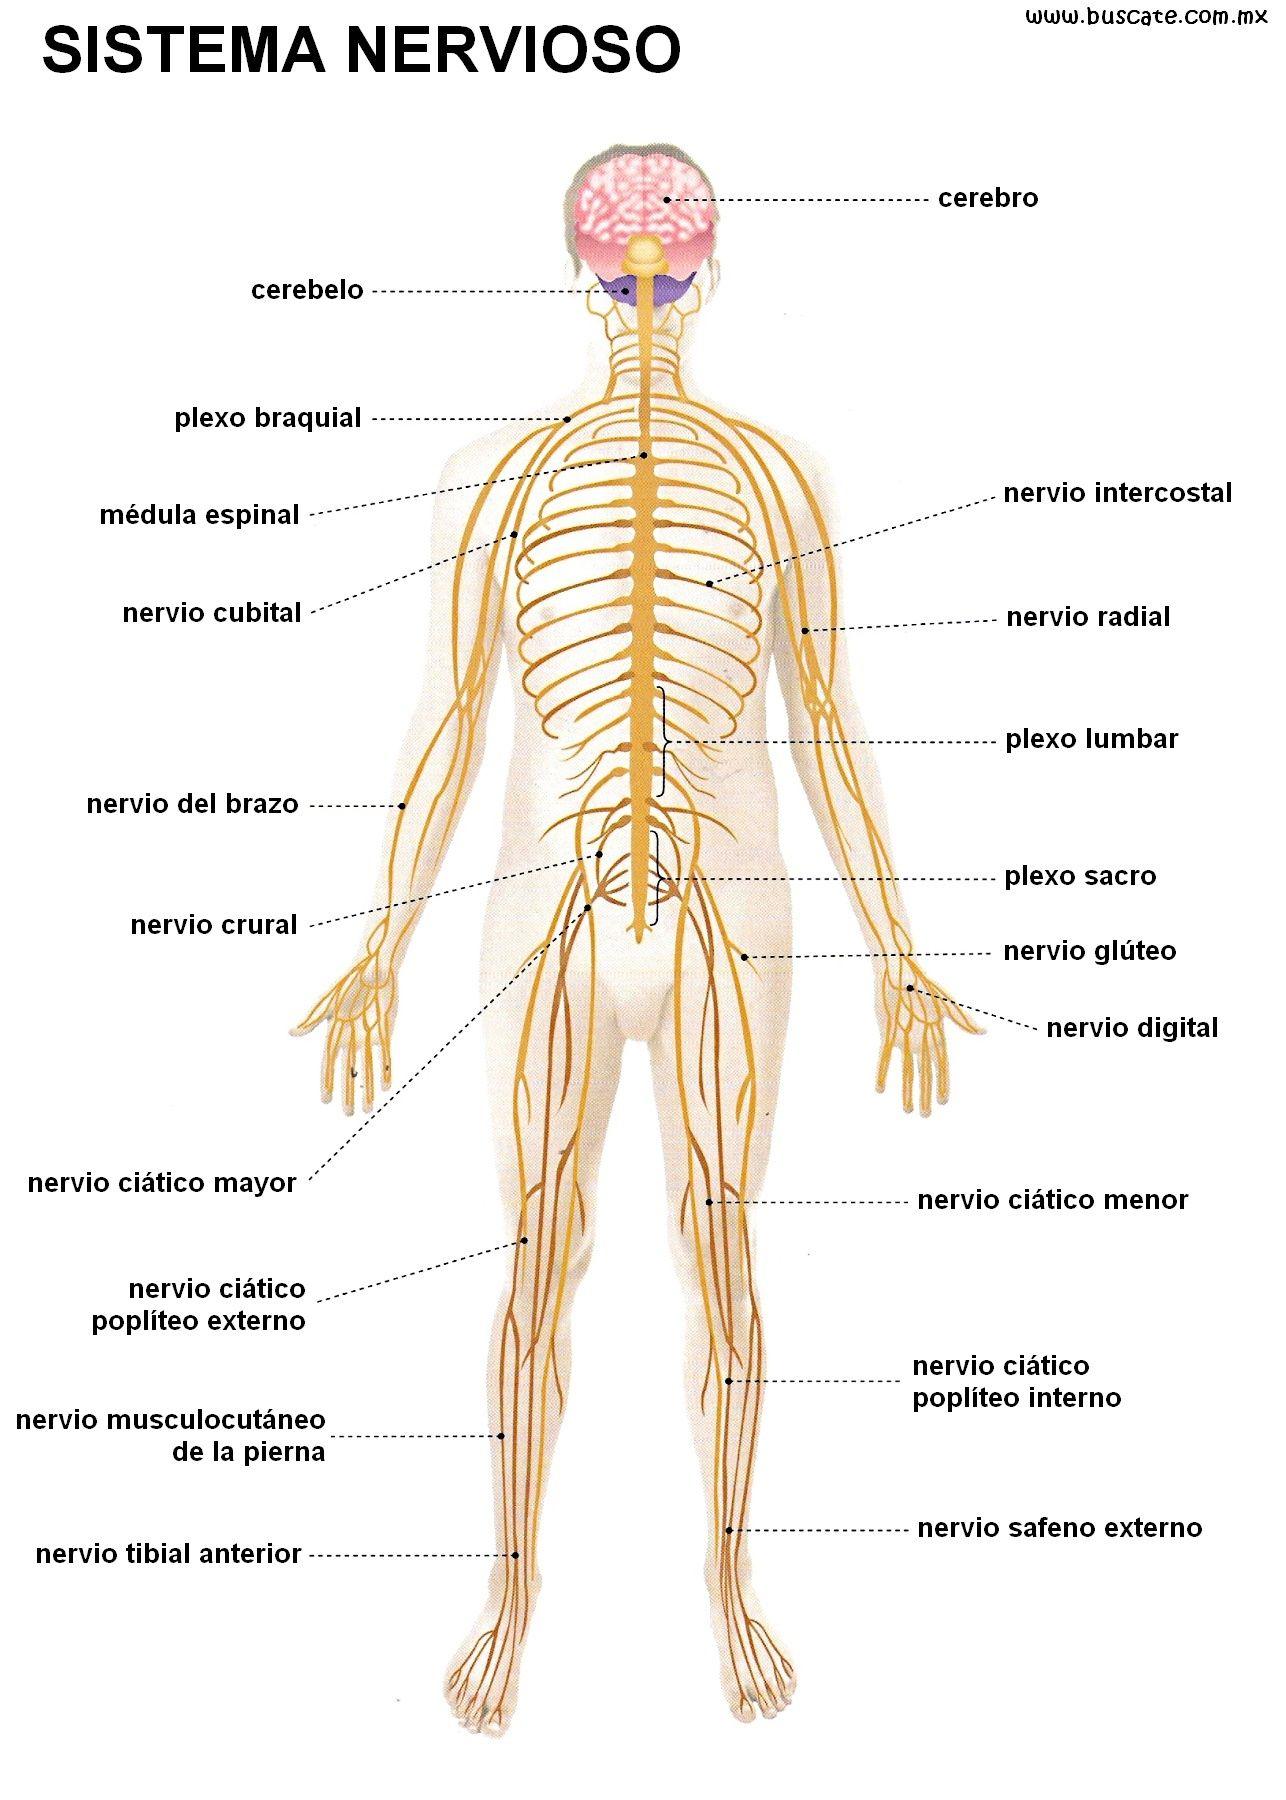 Esquema Del Sistema Nervioso Con Los Nombres De Sus Partes En Colores Sistema Nervioso Dibujo Del Sistema Nervioso Sistema Nervioso Periférico